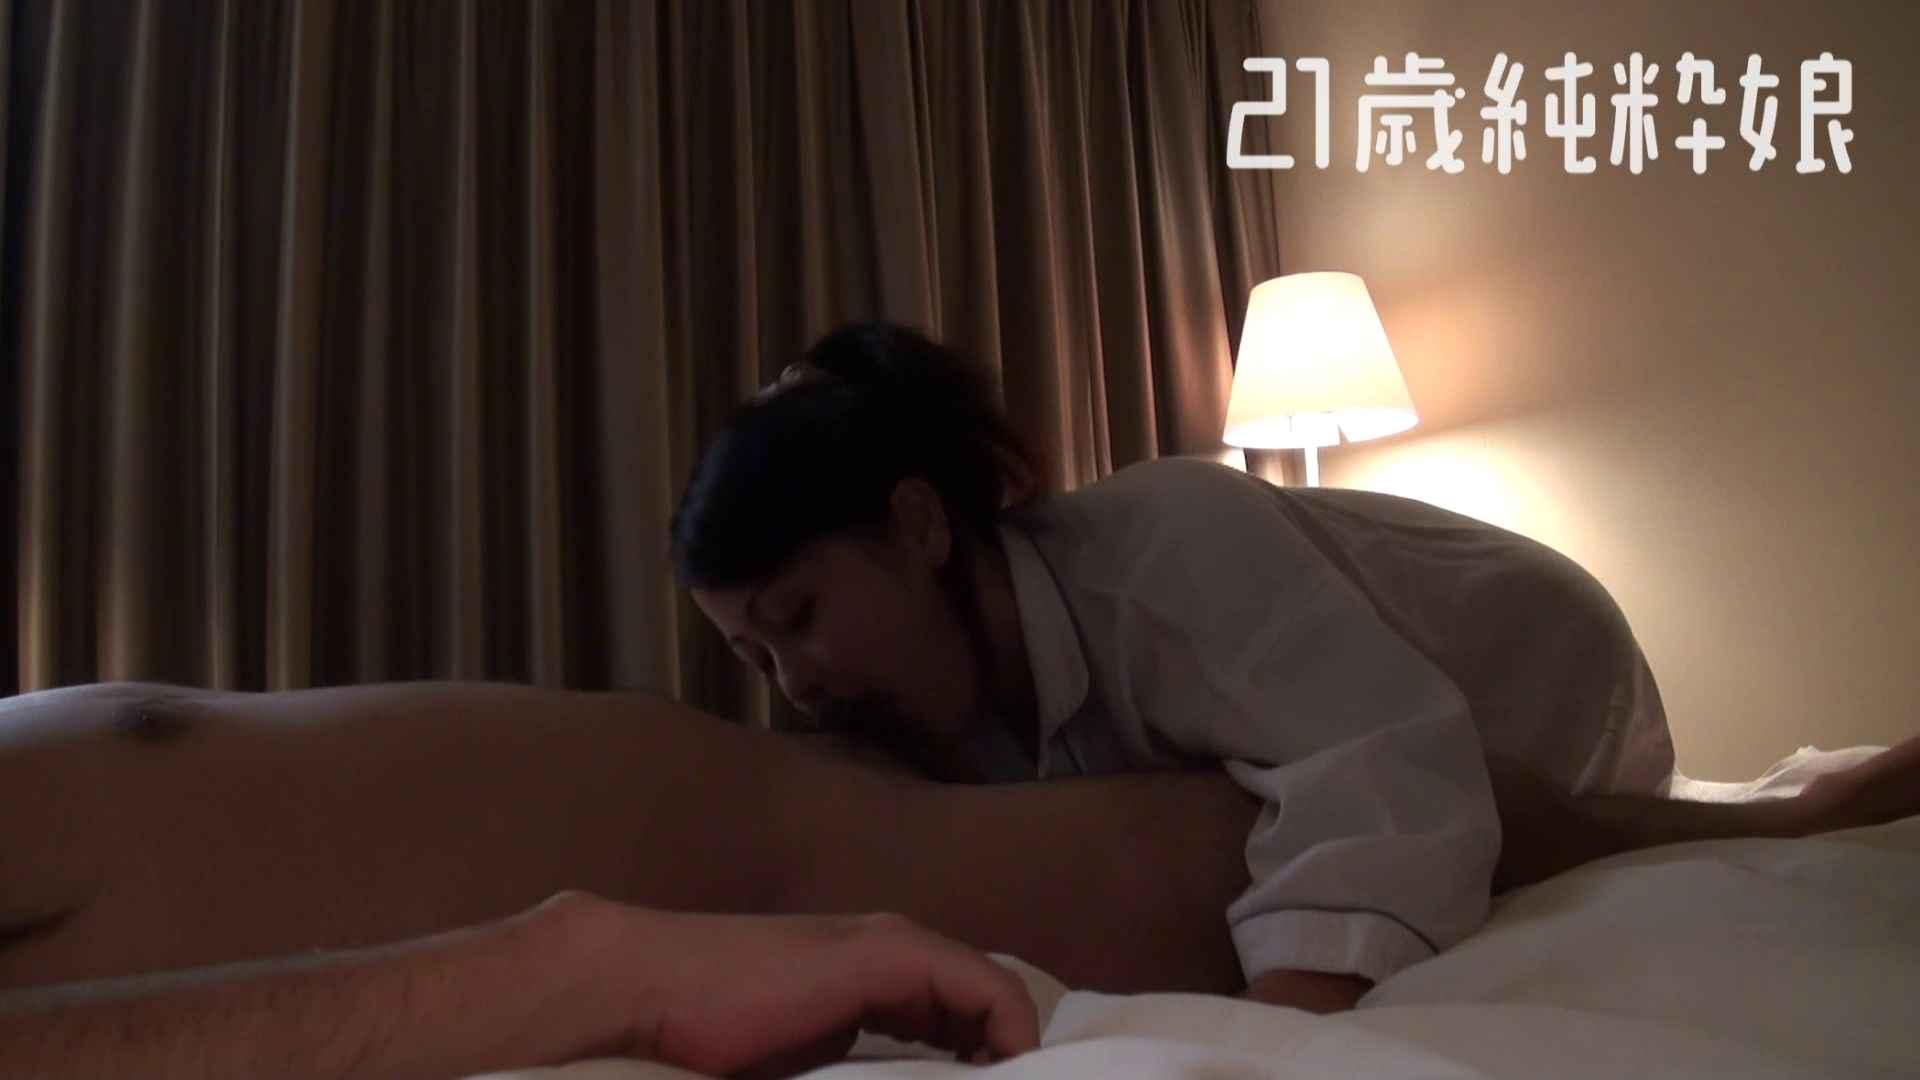 上京したばかりのGカップ21歳純粋嬢を都合の良い女にしてみた2 SEX映像  70pic 48